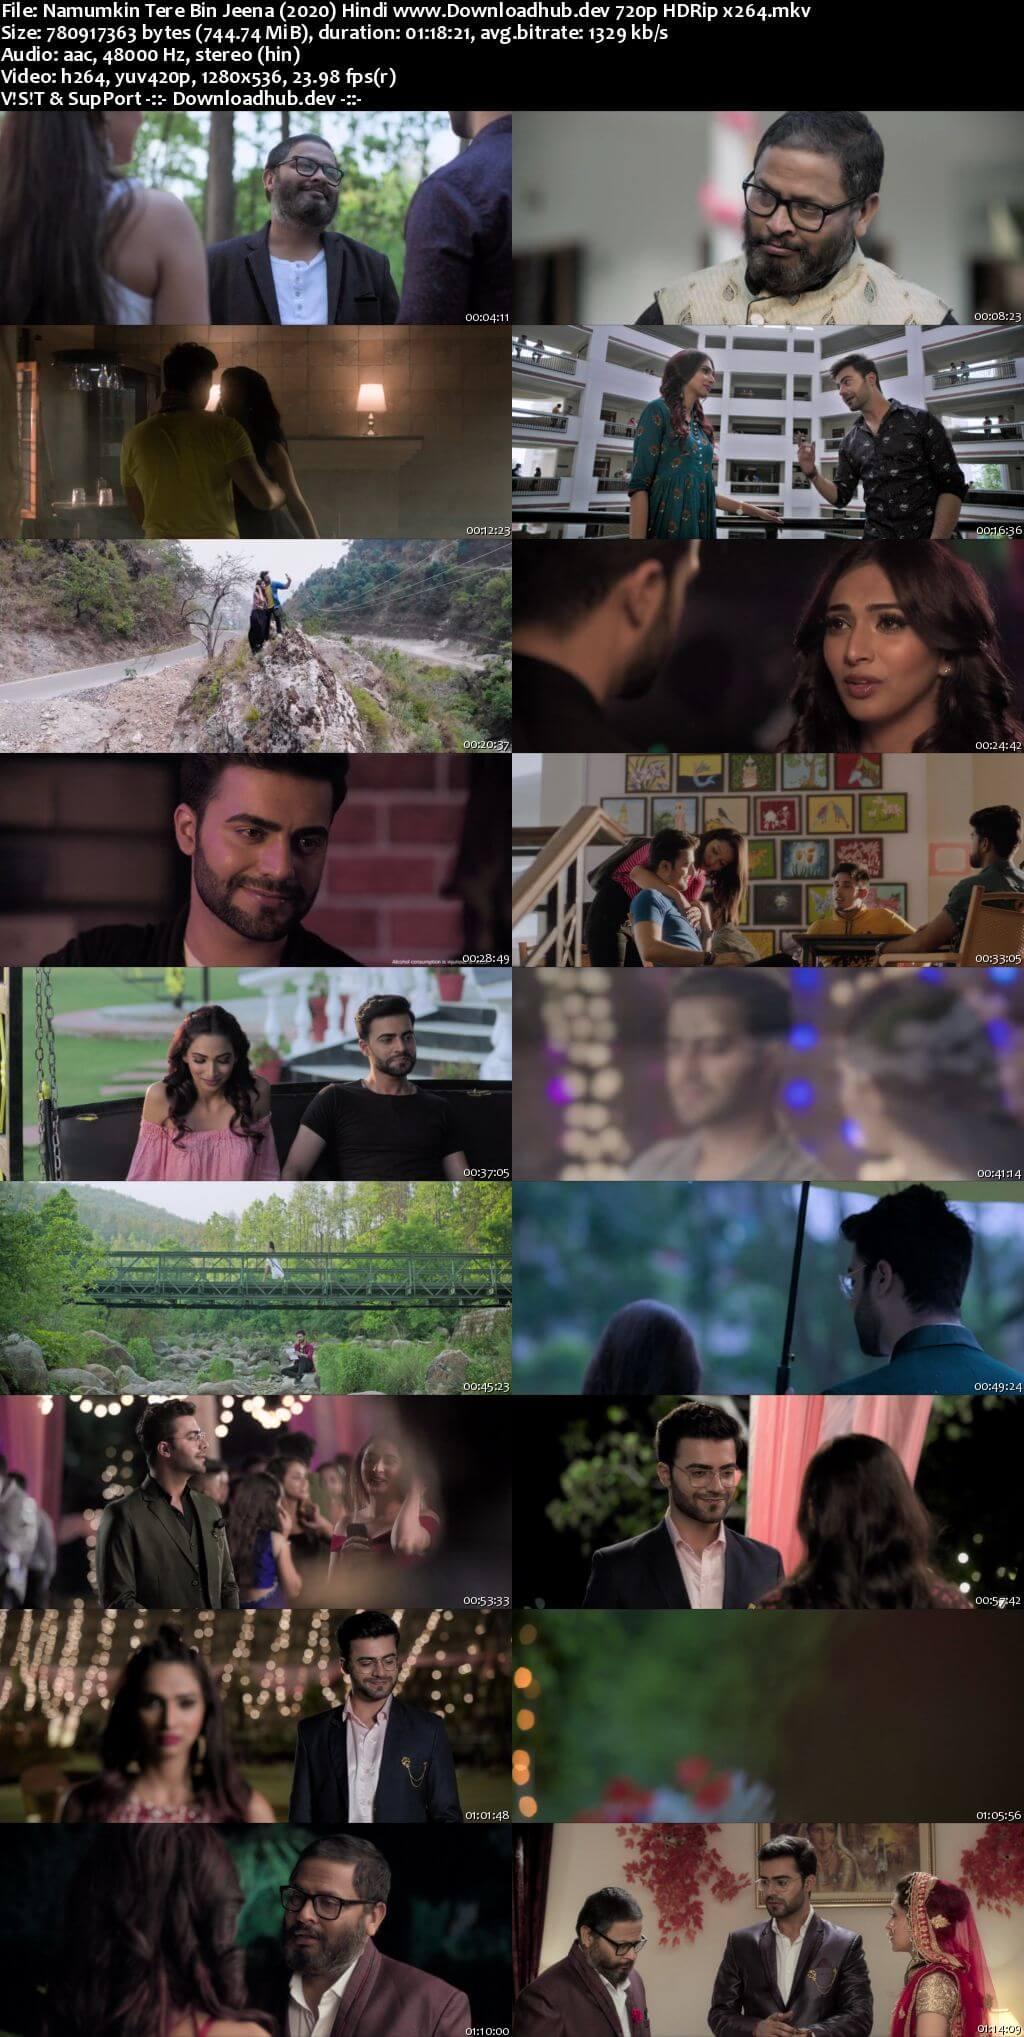 Namumkin Tere Bin Jeena 2020 Hindi 720p HDRip x264